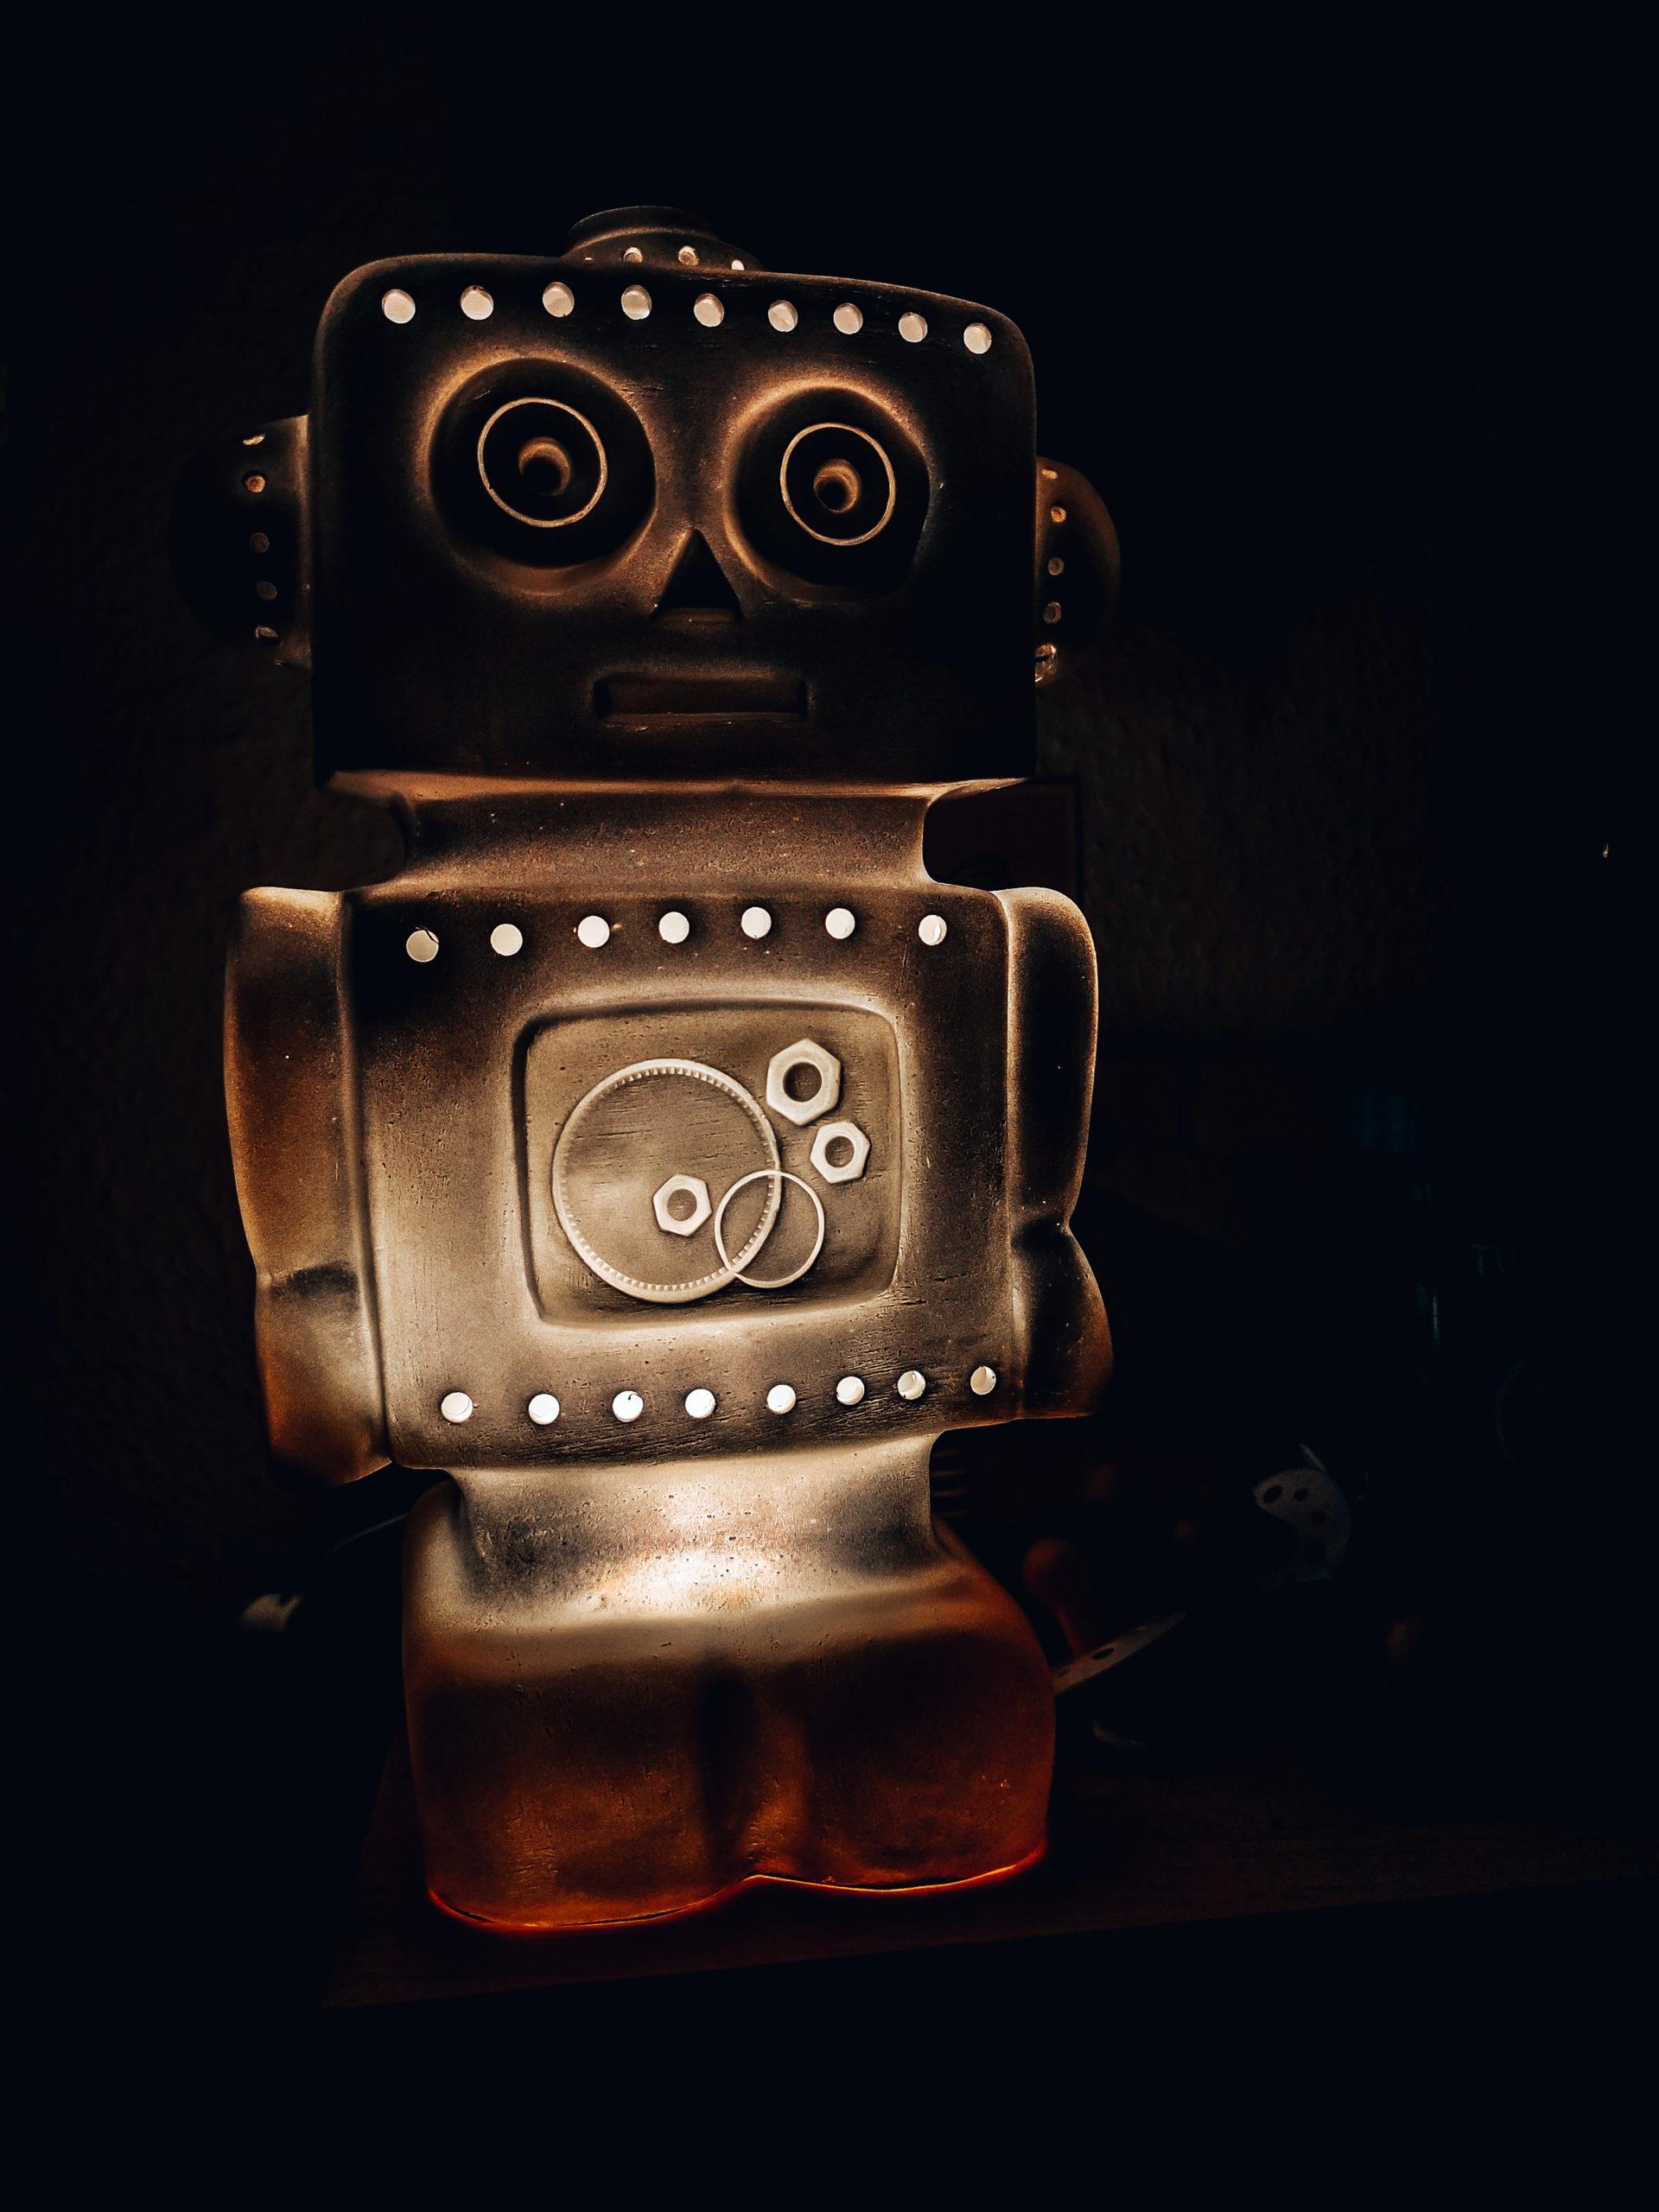 Heico robotlampe fra Ciha tændt i mørket